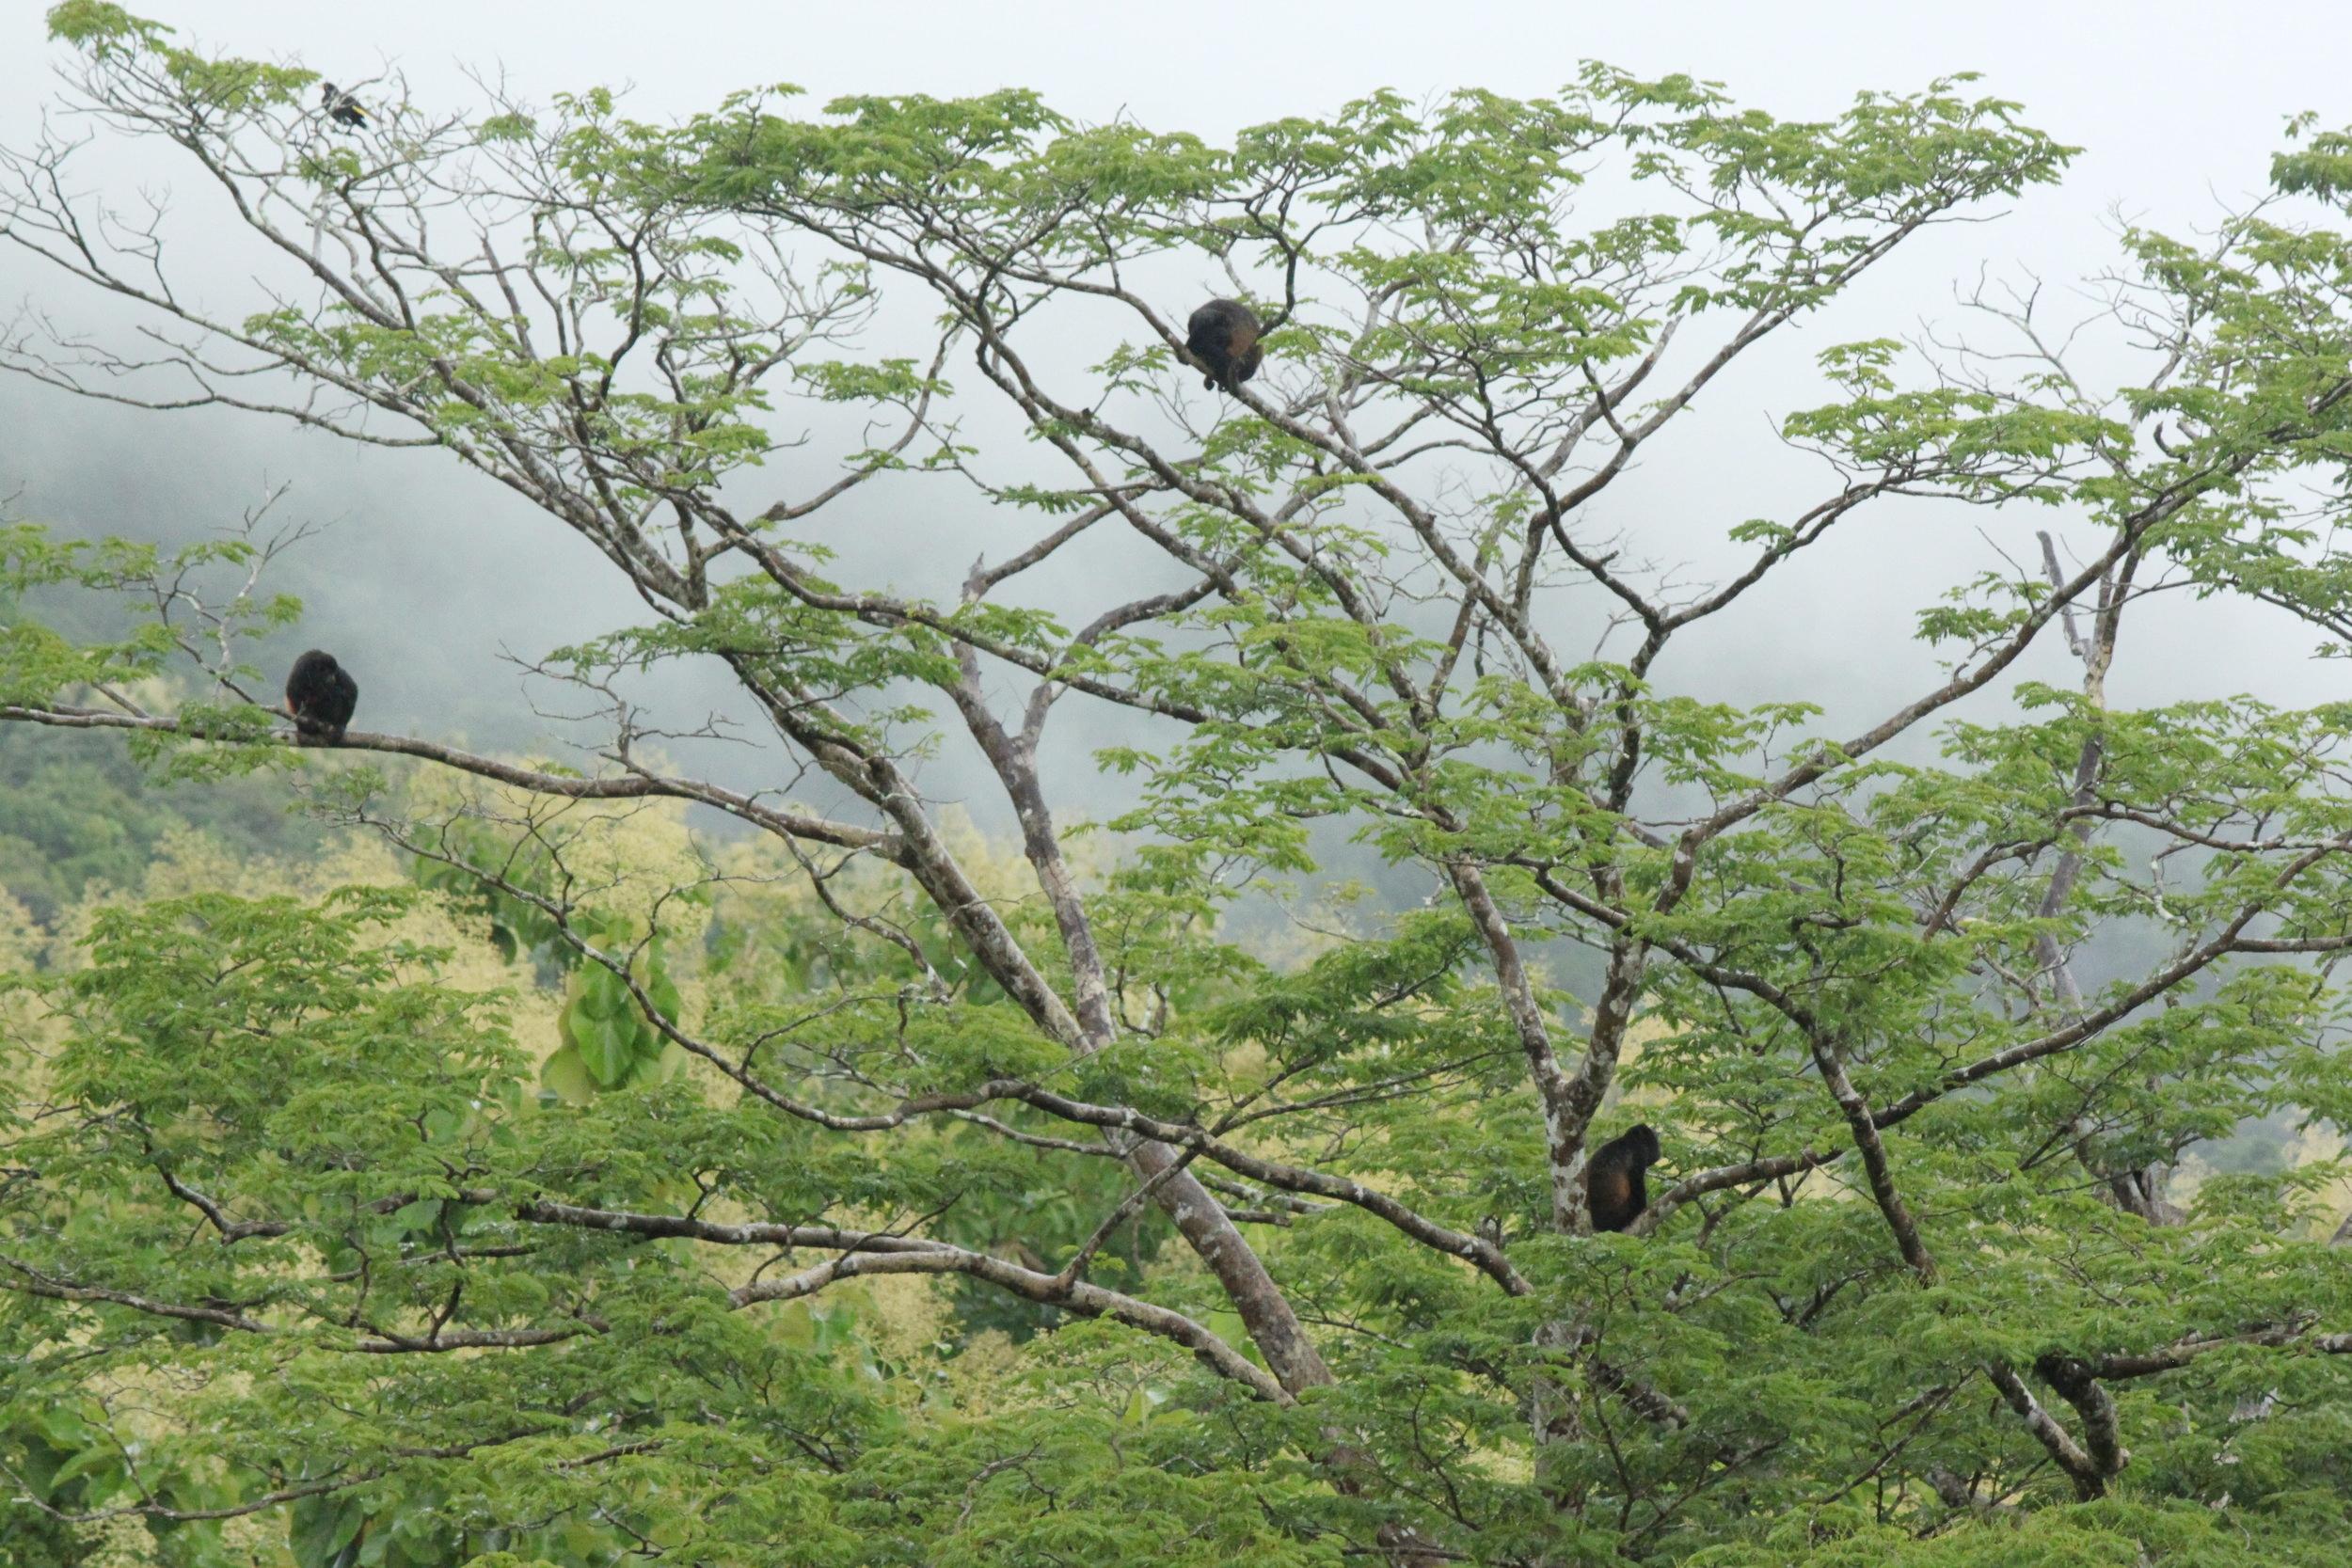 Wild Mantled Howler Monkeys